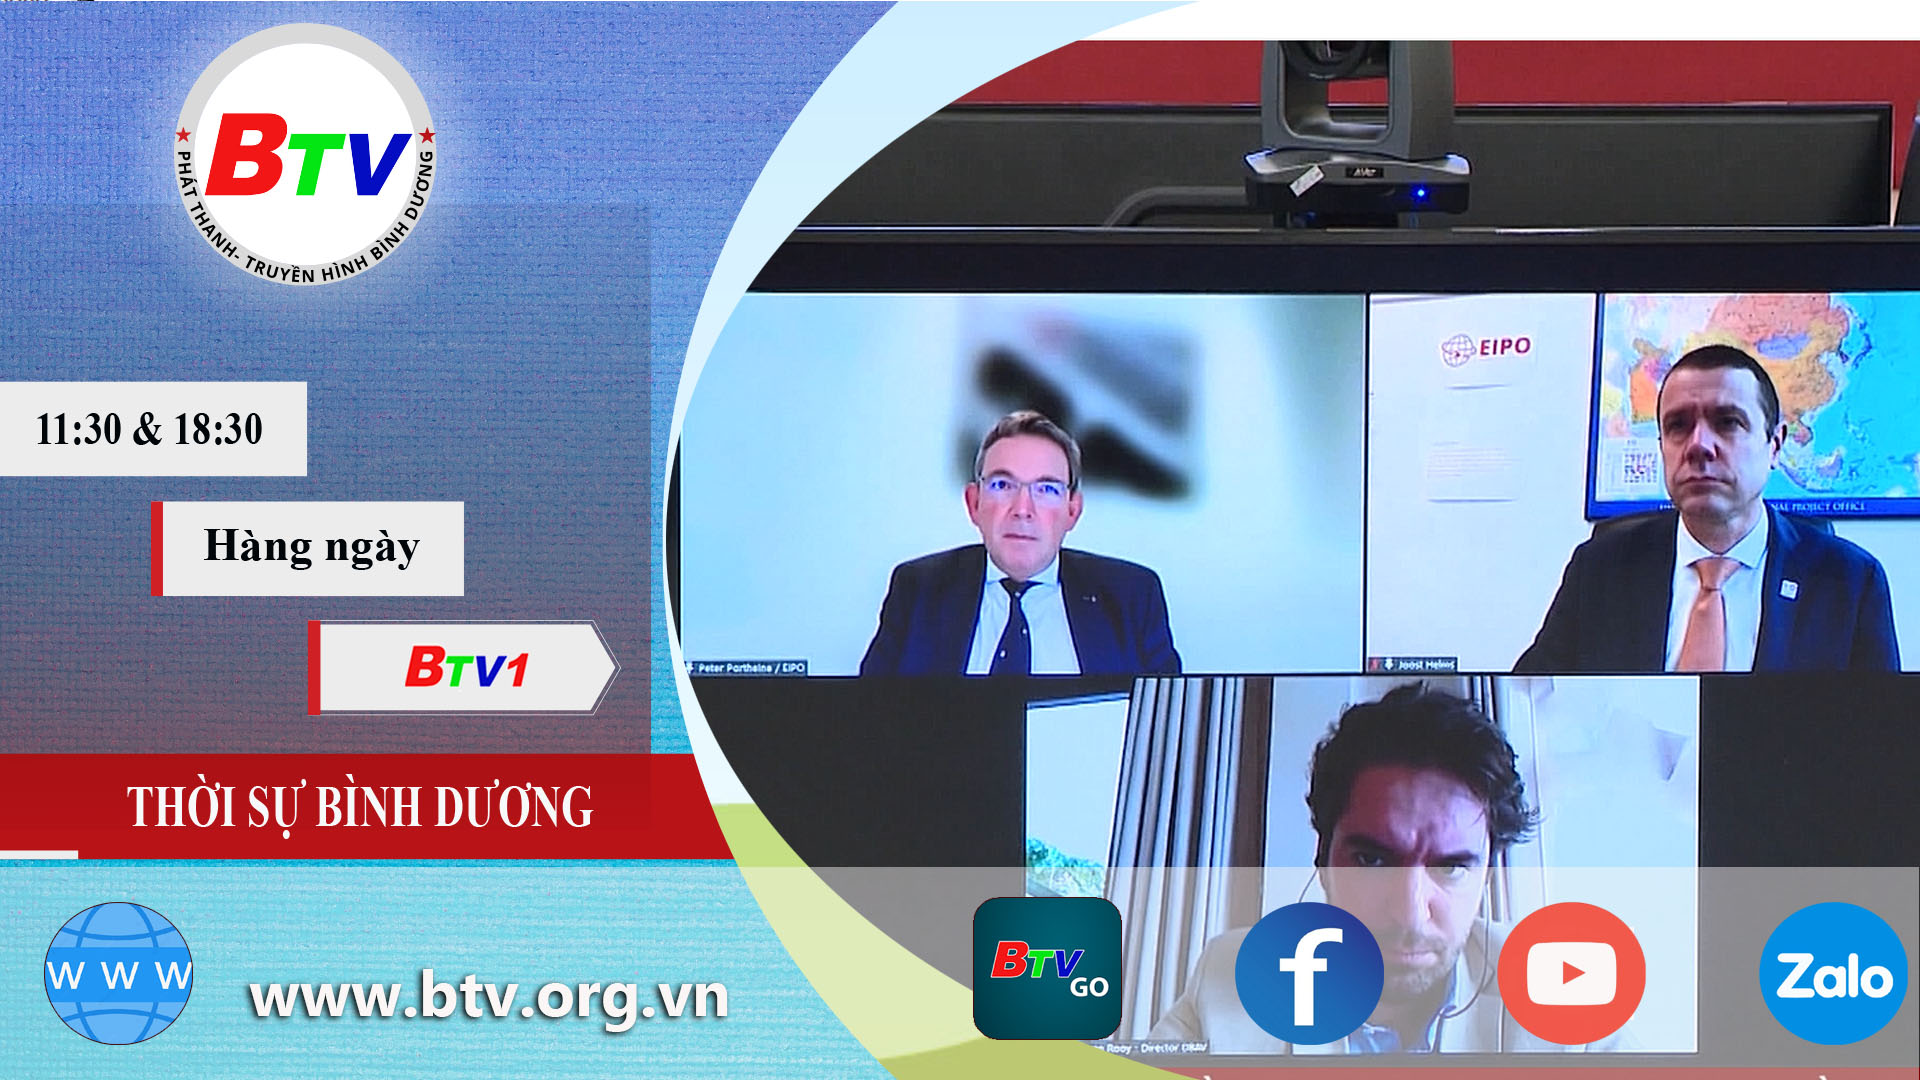 Bình Dương tổ chức Hội nghị trực tuyến về thành phố thông minh